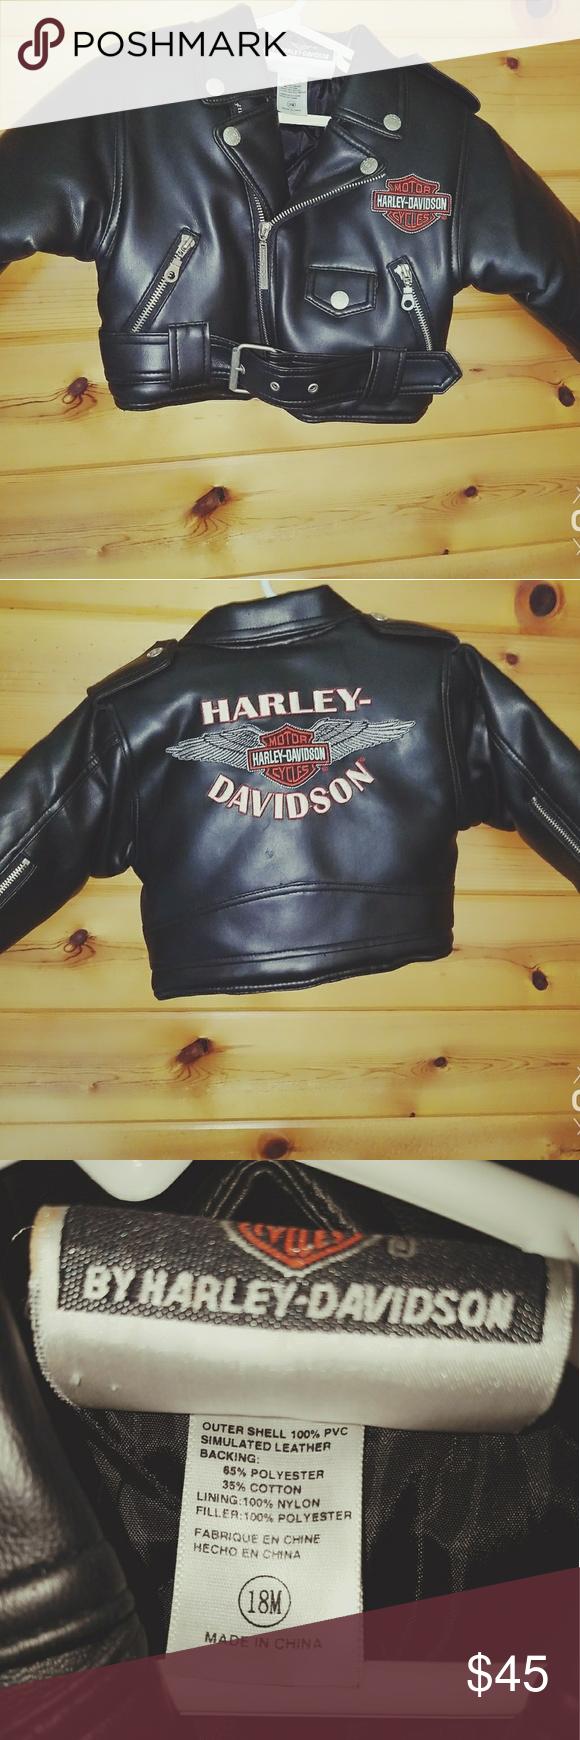 Harley Davidson Kids Leather Jacket Kids Leather Jackets Harley Davidson Kids Jackets [ 1740 x 580 Pixel ]